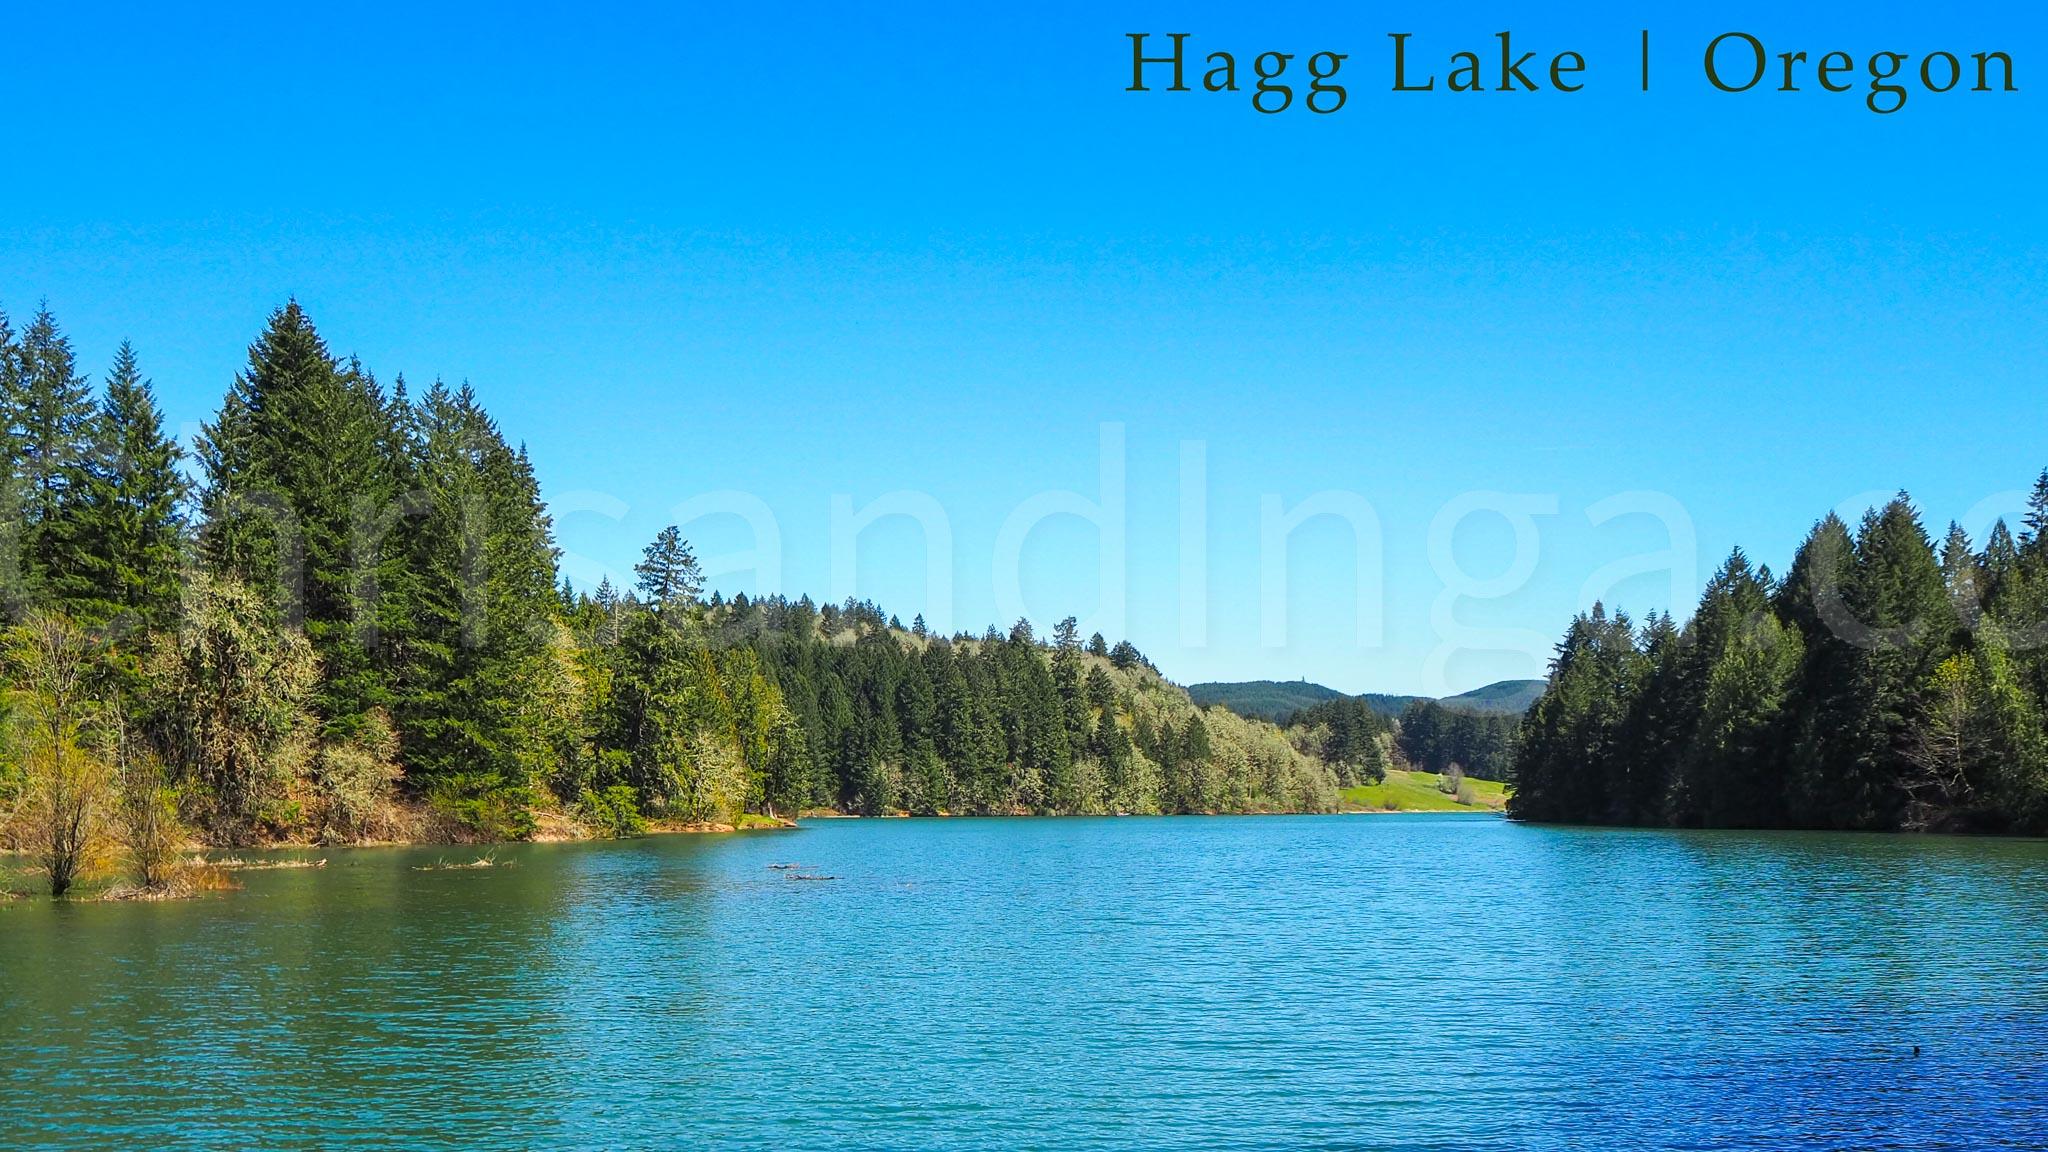 Hagg Lake   Oregon (Watermarked)